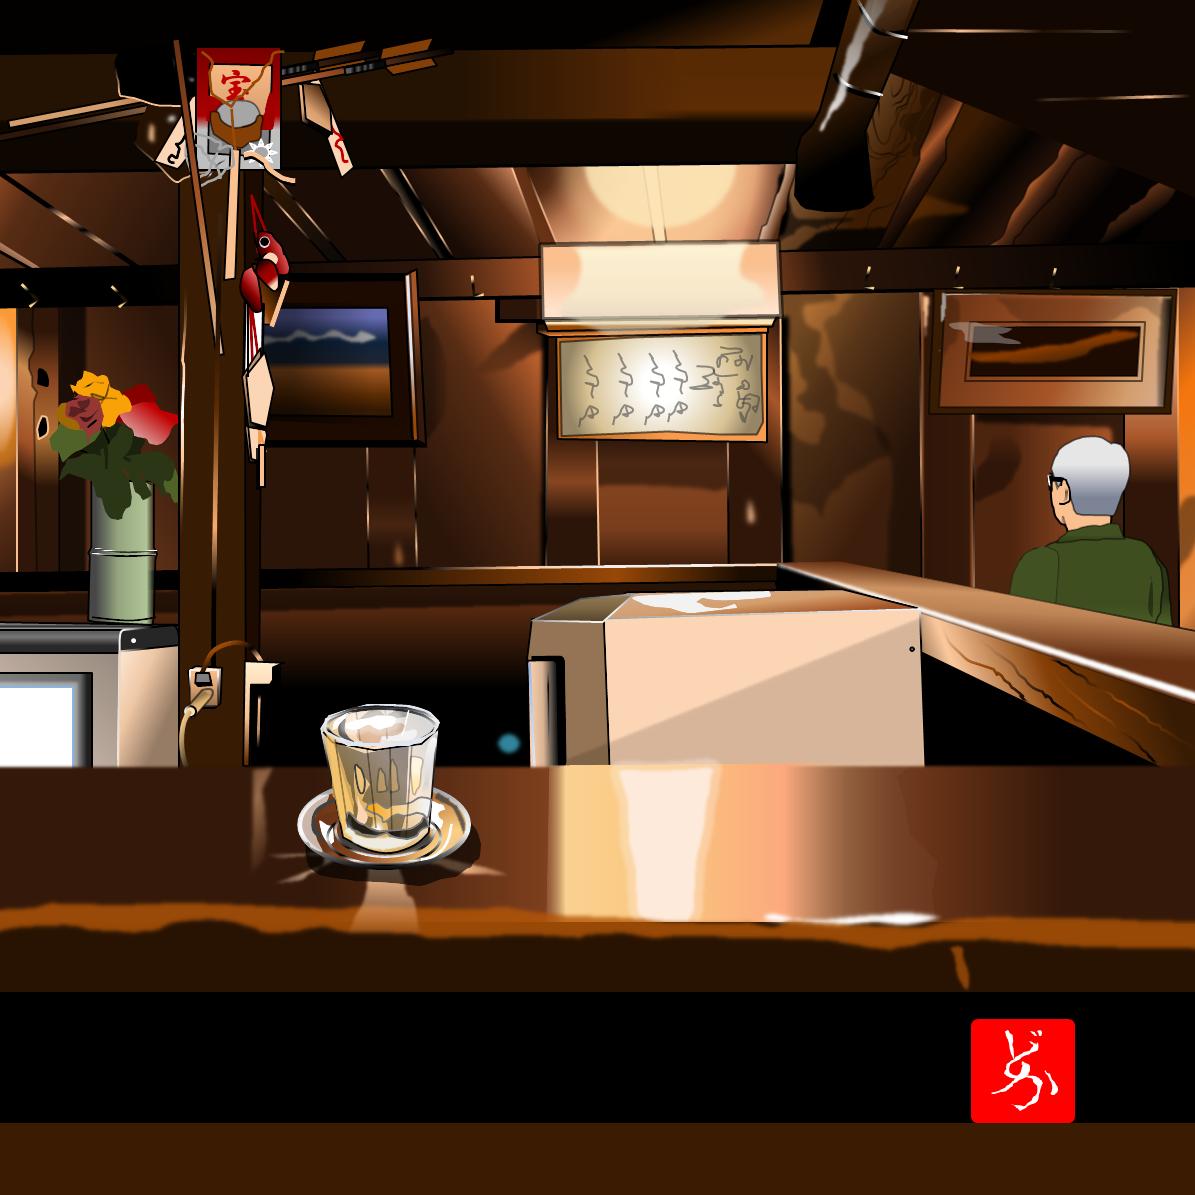 仙台文化横丁の居酒屋「源氏」のエクセル画別バージョン